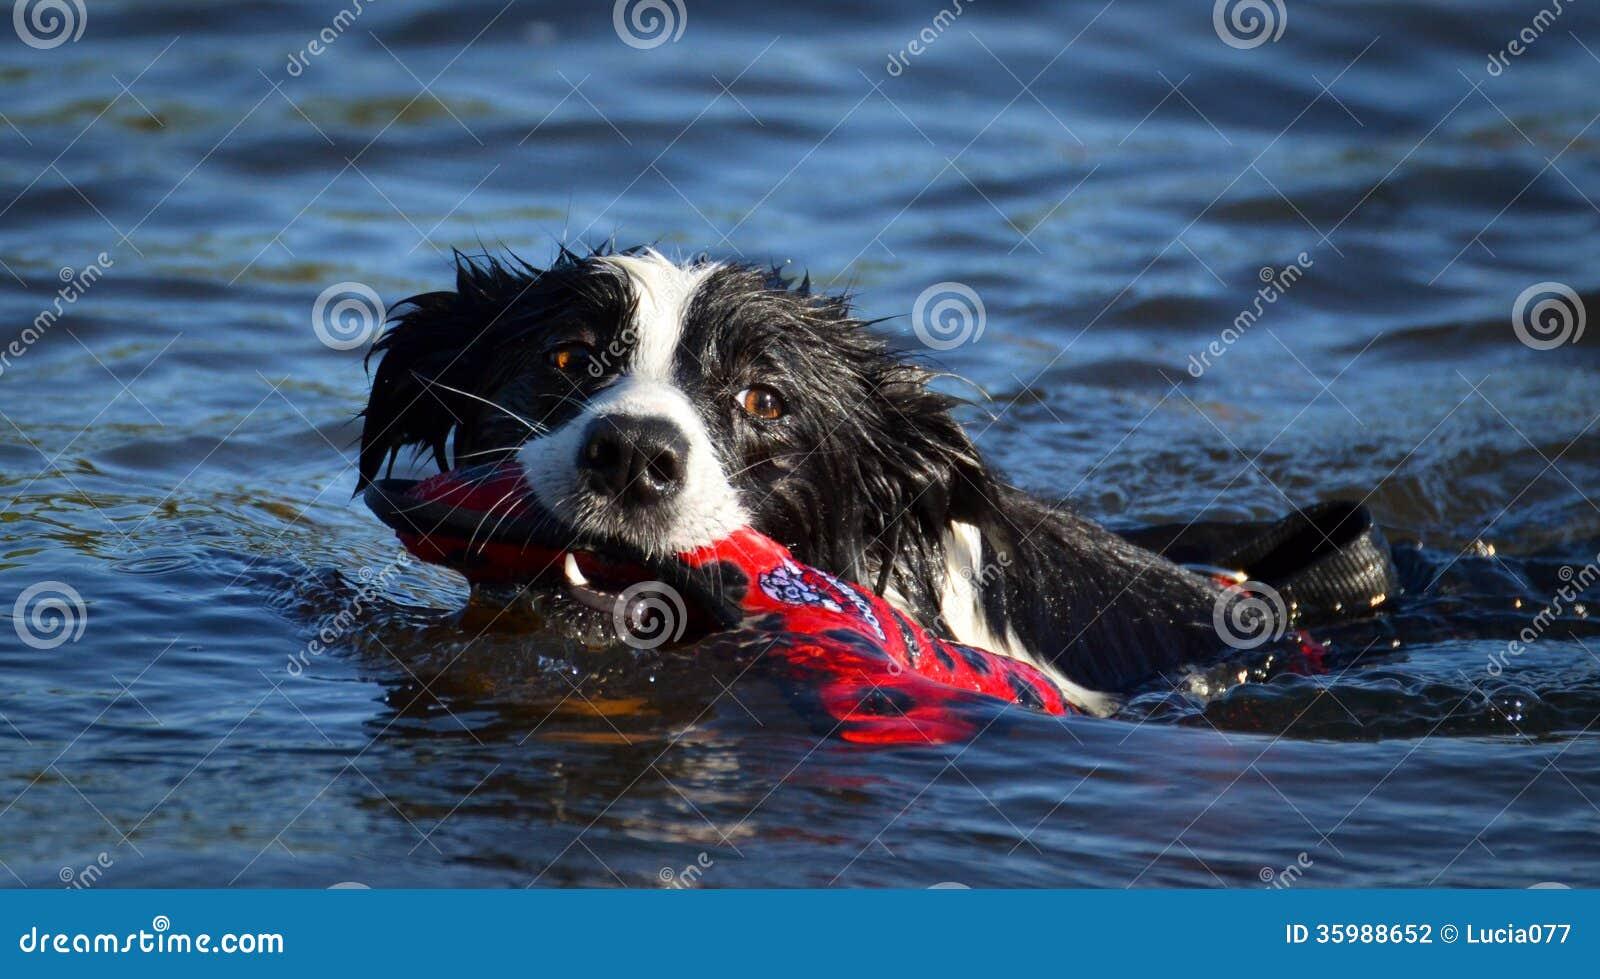 Border collie de la natación